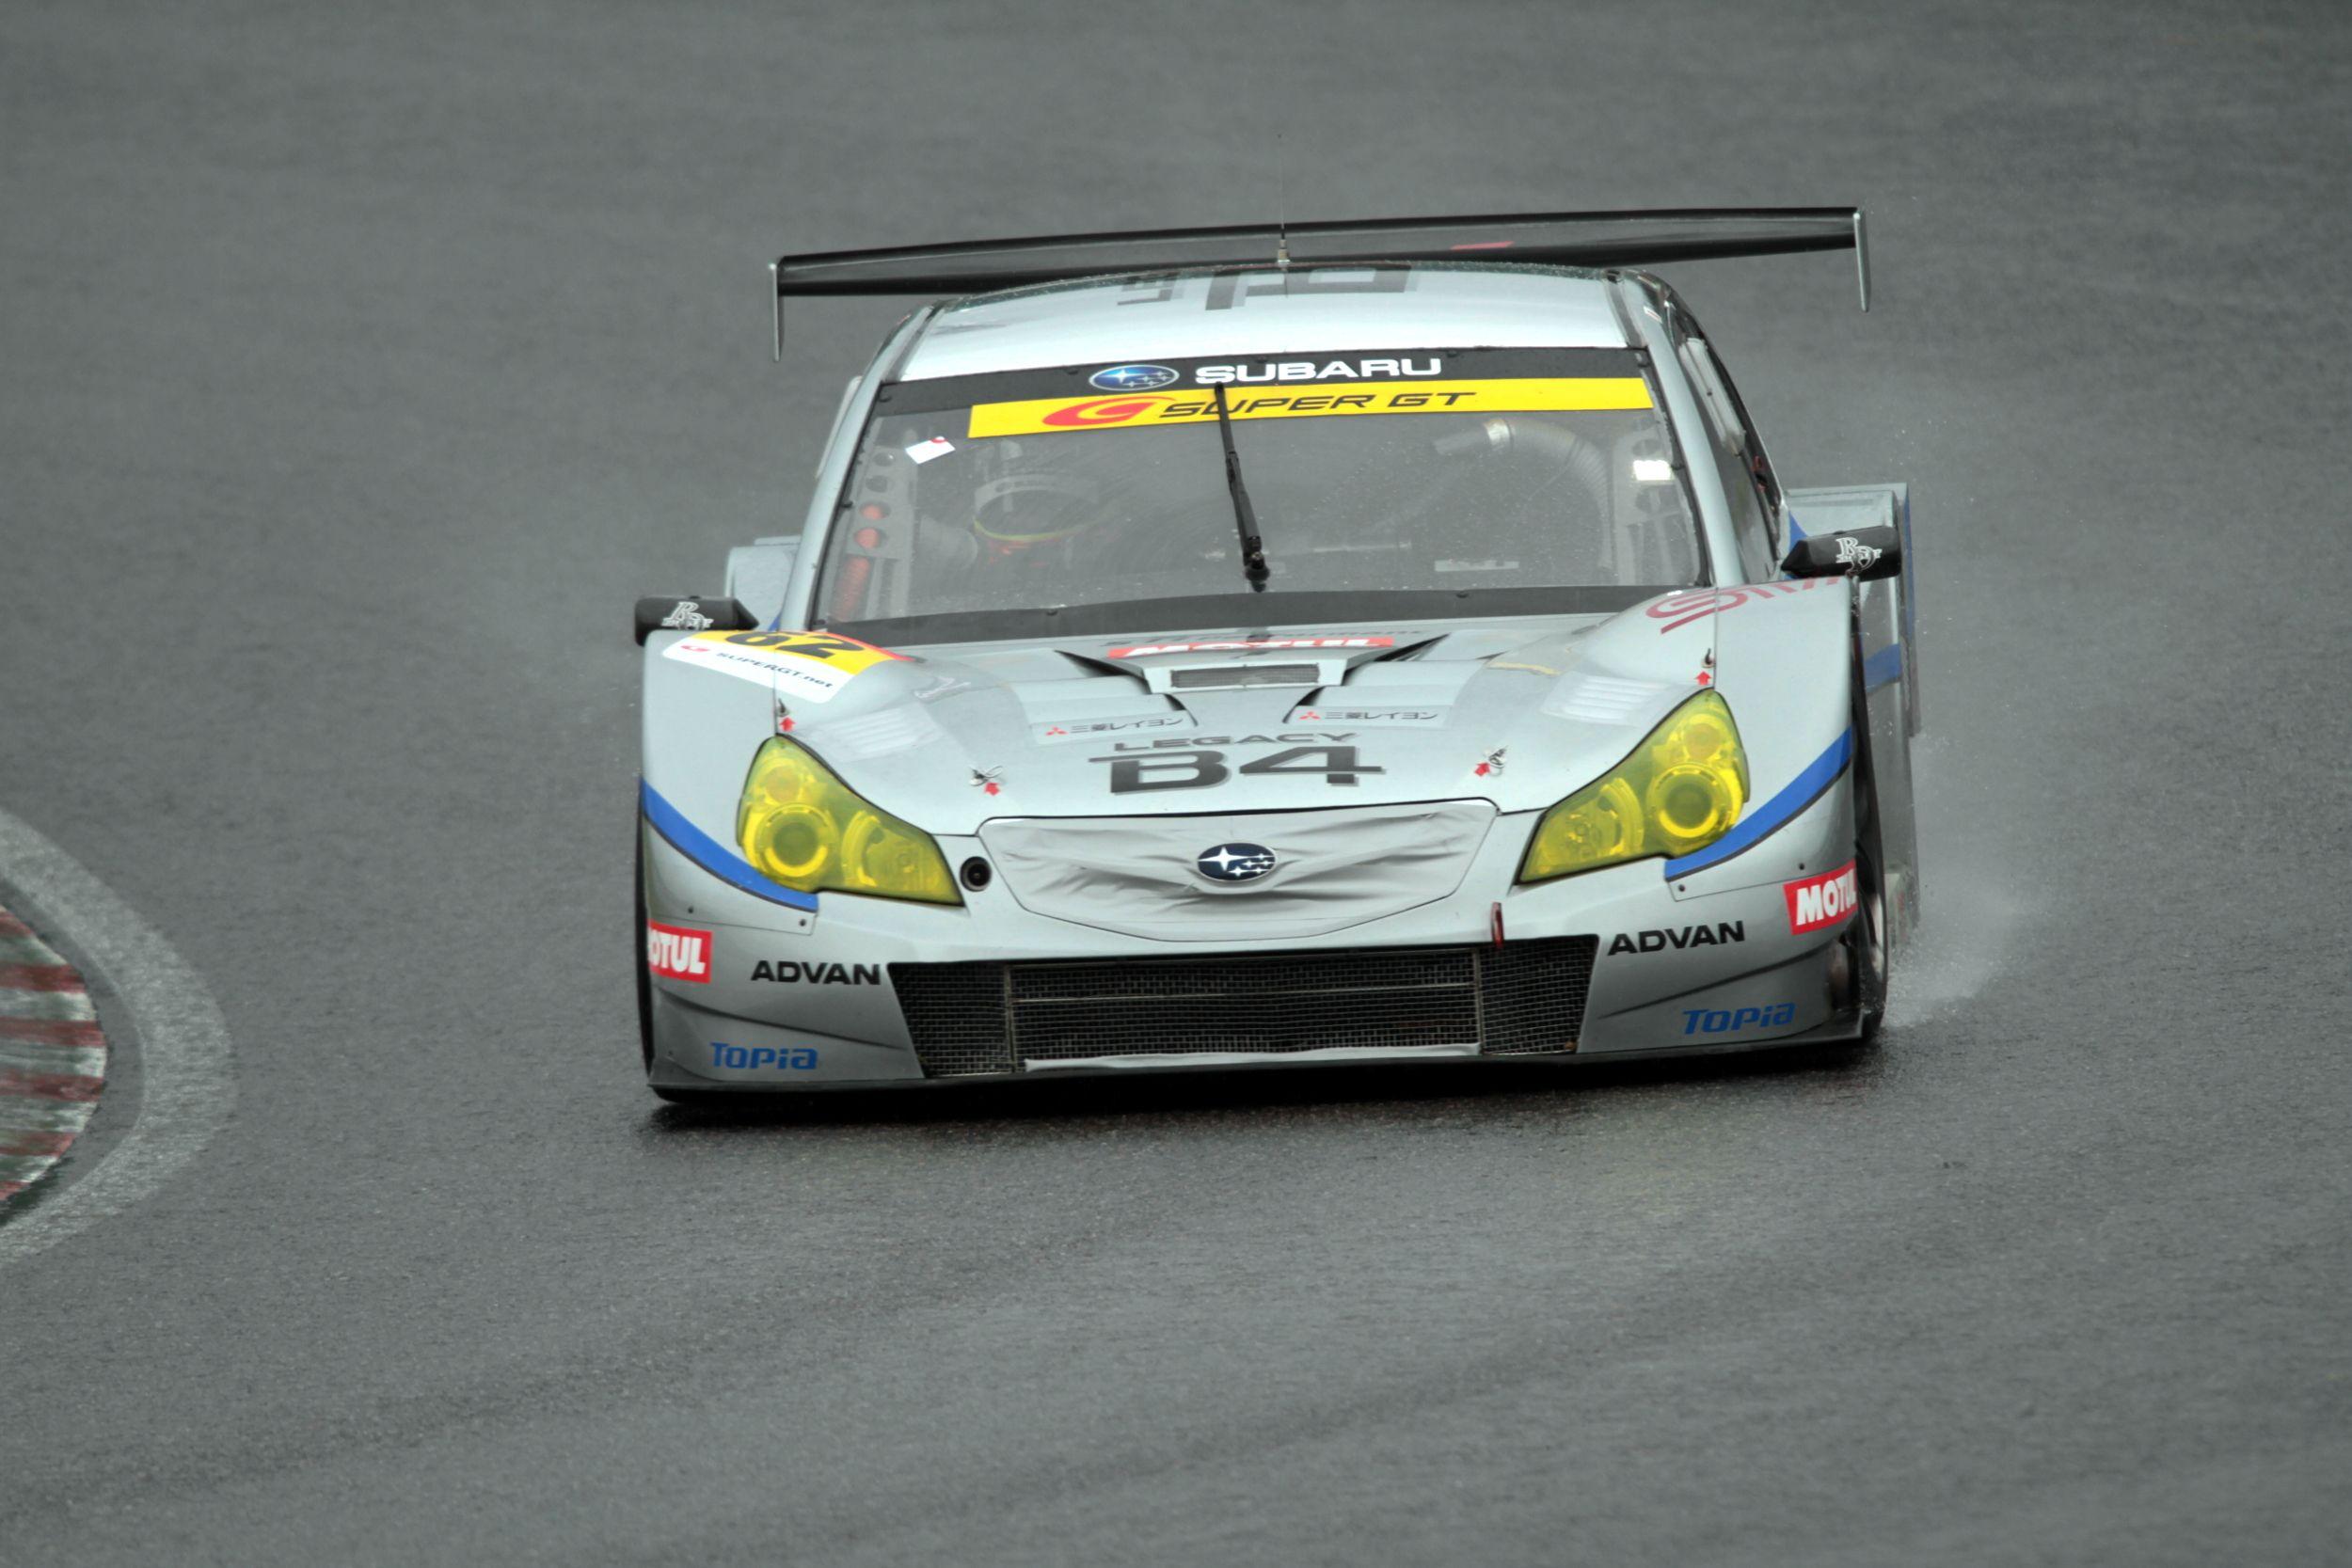 Subaru Legacy B4 Gt300 Race Car Subaru Legacy Race Cars Fast Cars